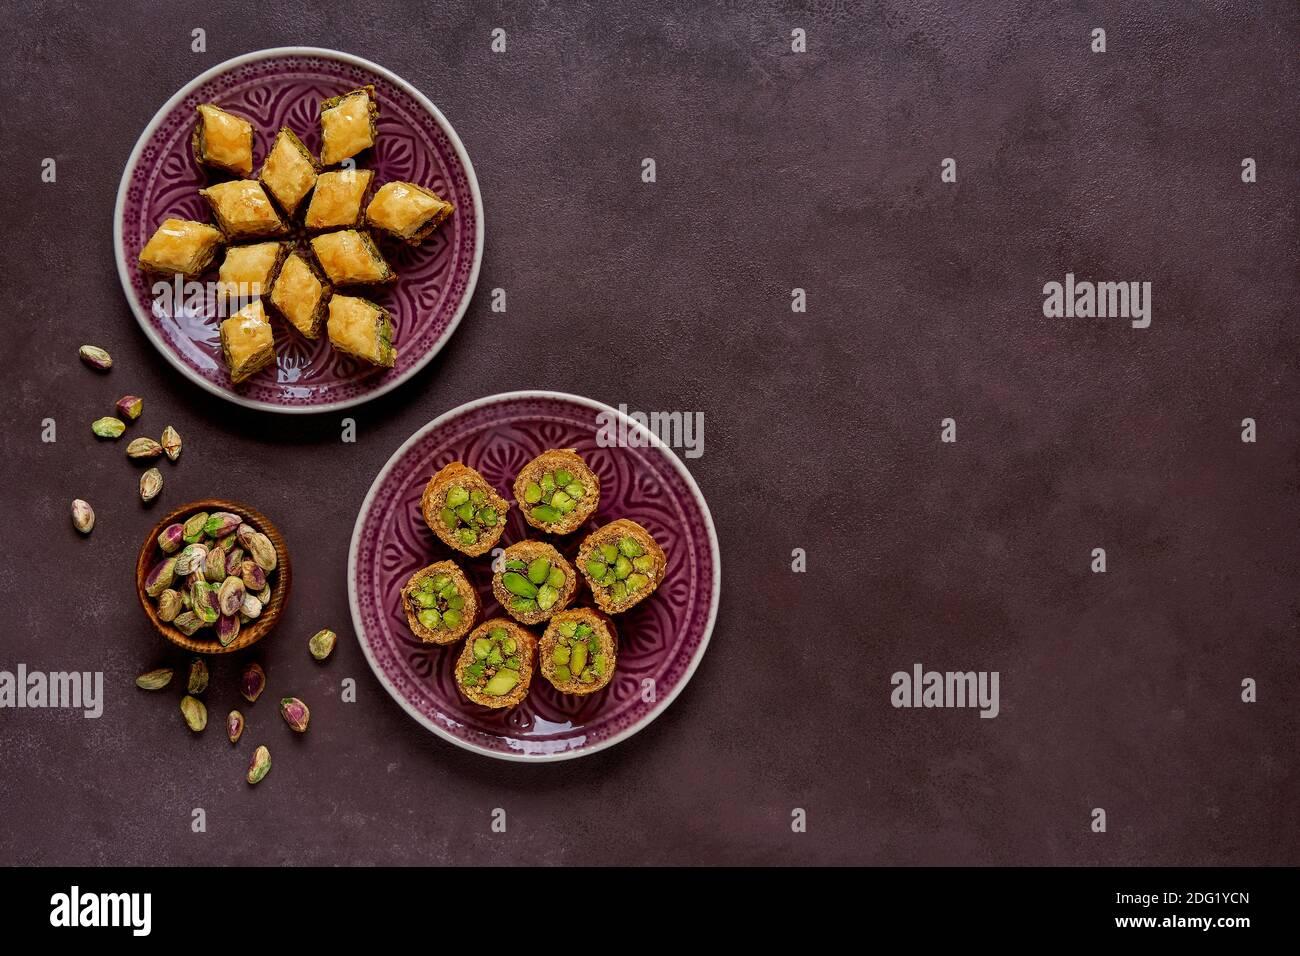 tradicional turco, dulces árabes baklava surtido con pistacho. Vista superior, espacio de copia Foto de stock